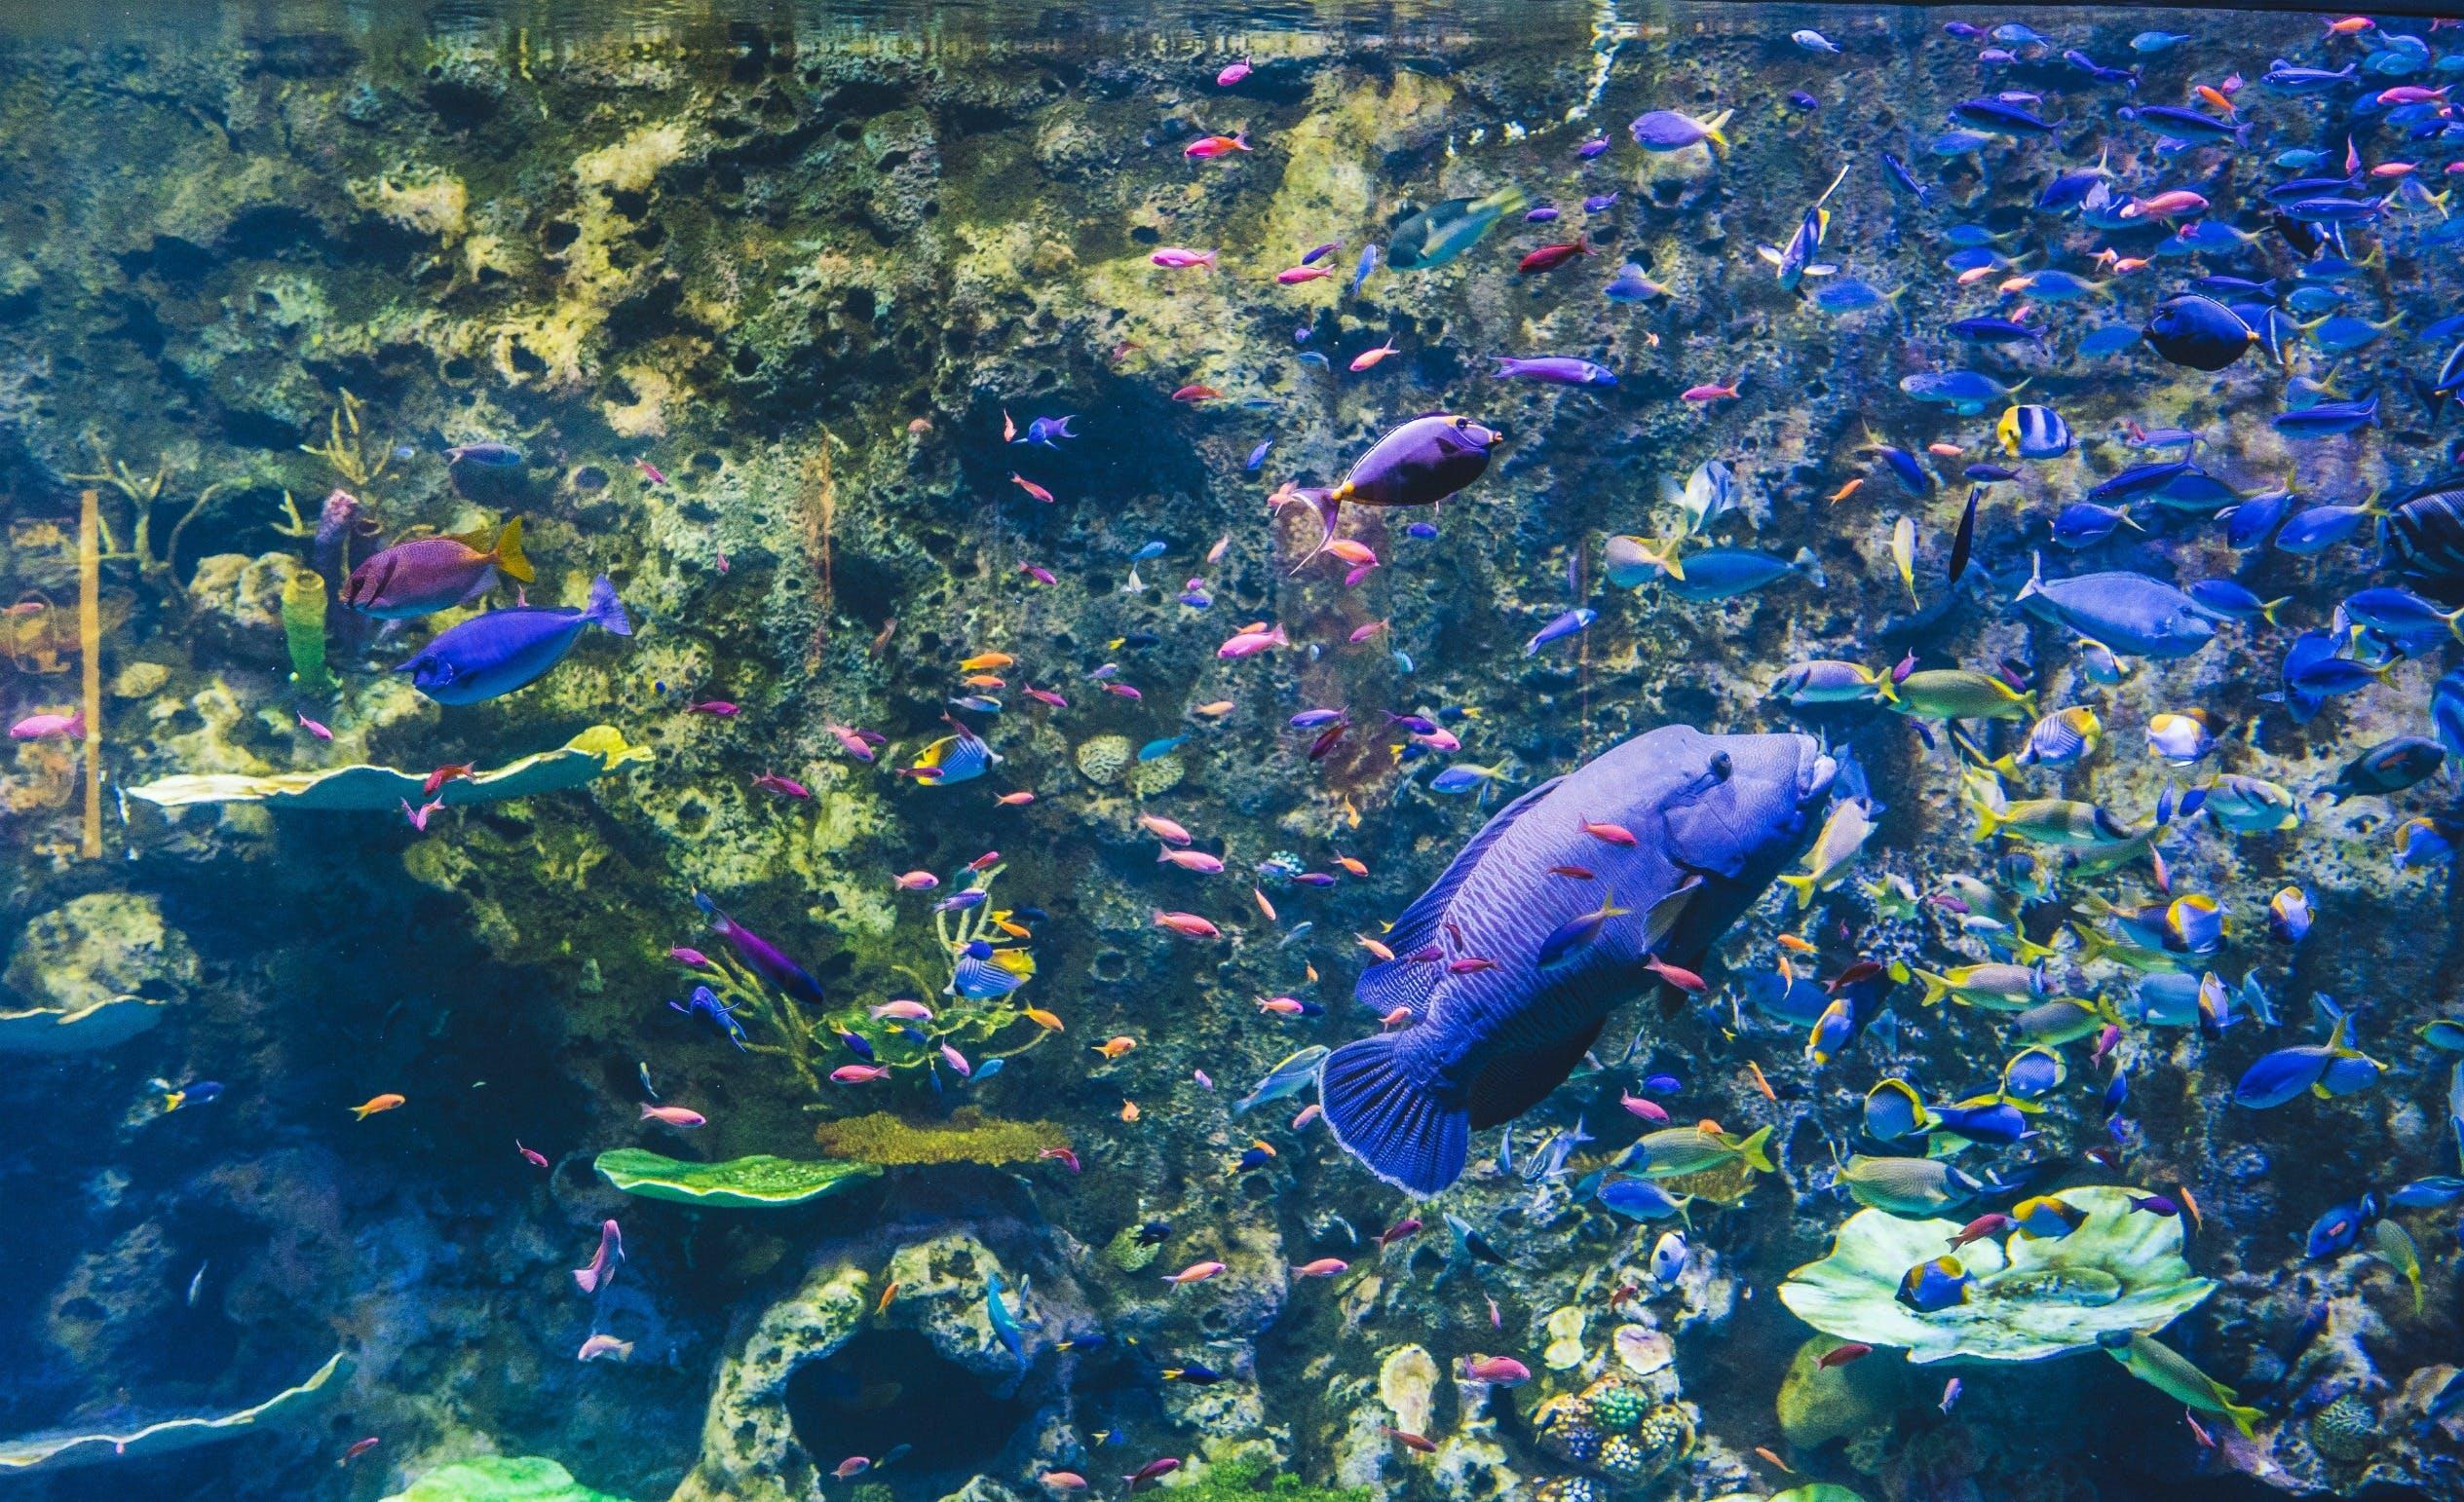 Cairns Aquarium Logo and Images